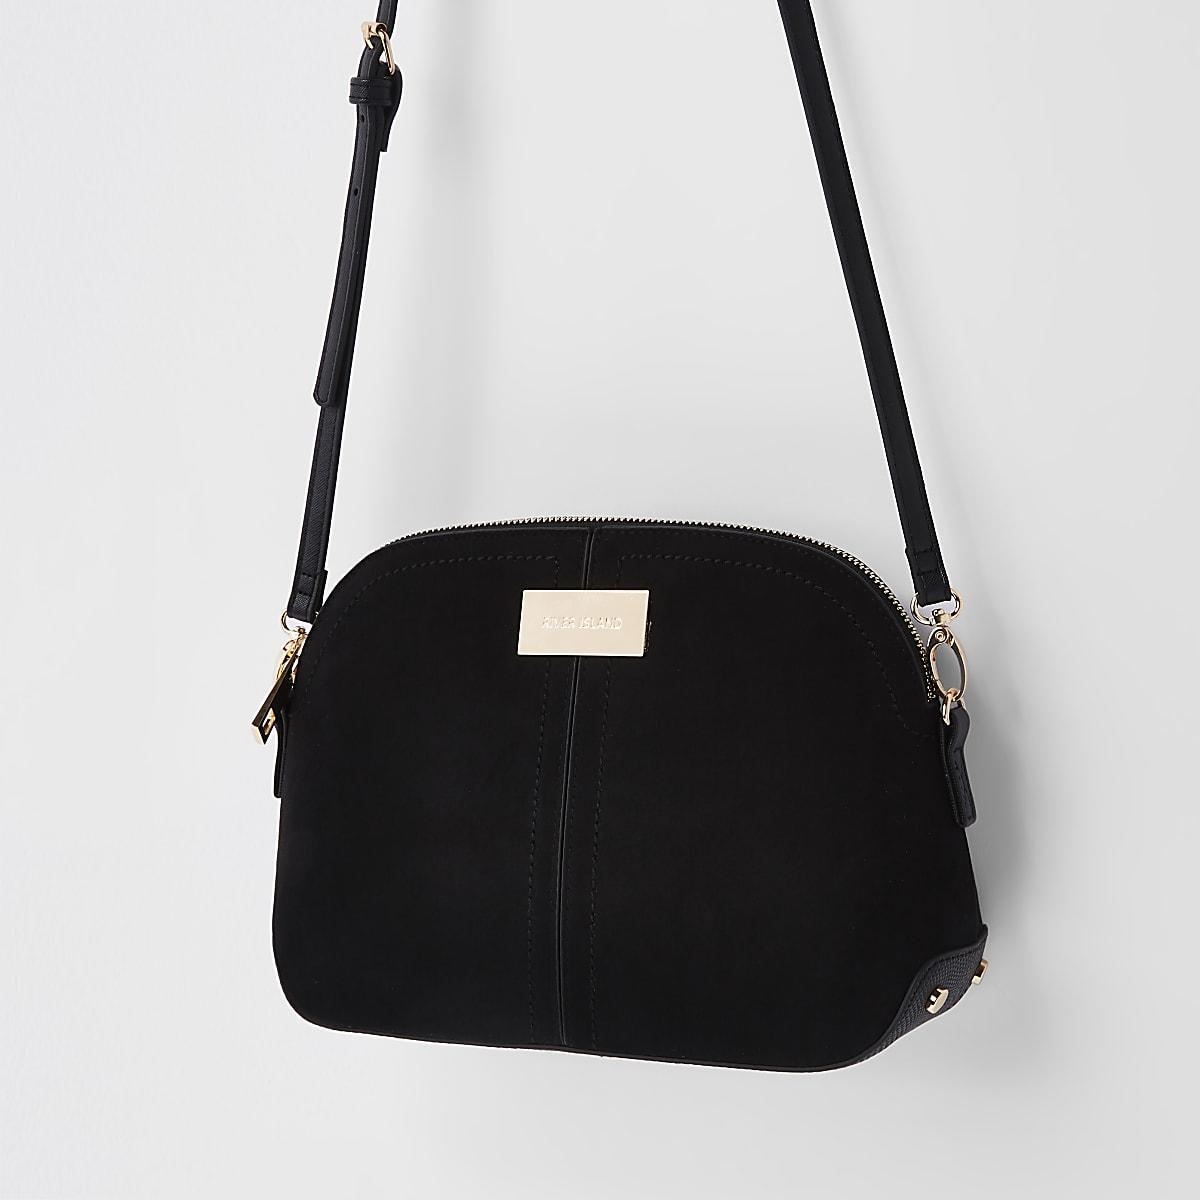 Black kettle zip cross body bag - Cross Body Bags - Bags   Purses - women